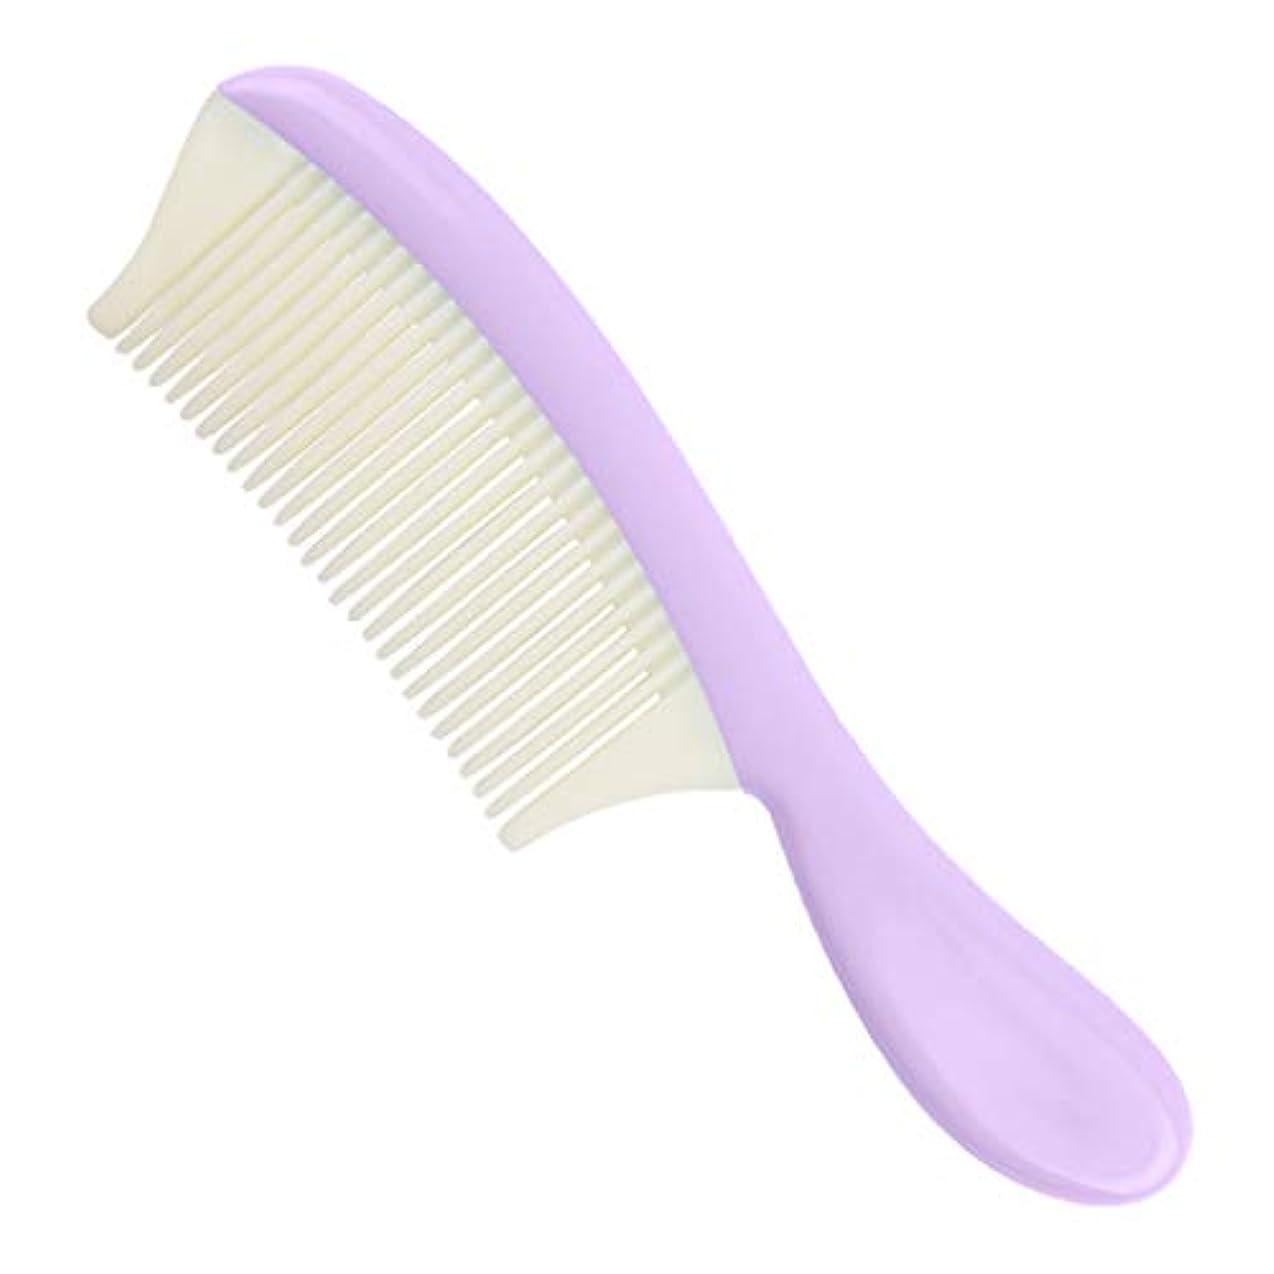 確認する襟赤gazechimp ヘアコーム 取り外し可能 細かい歯 ヘアブラシ 髪の櫛 全4色 - 紫